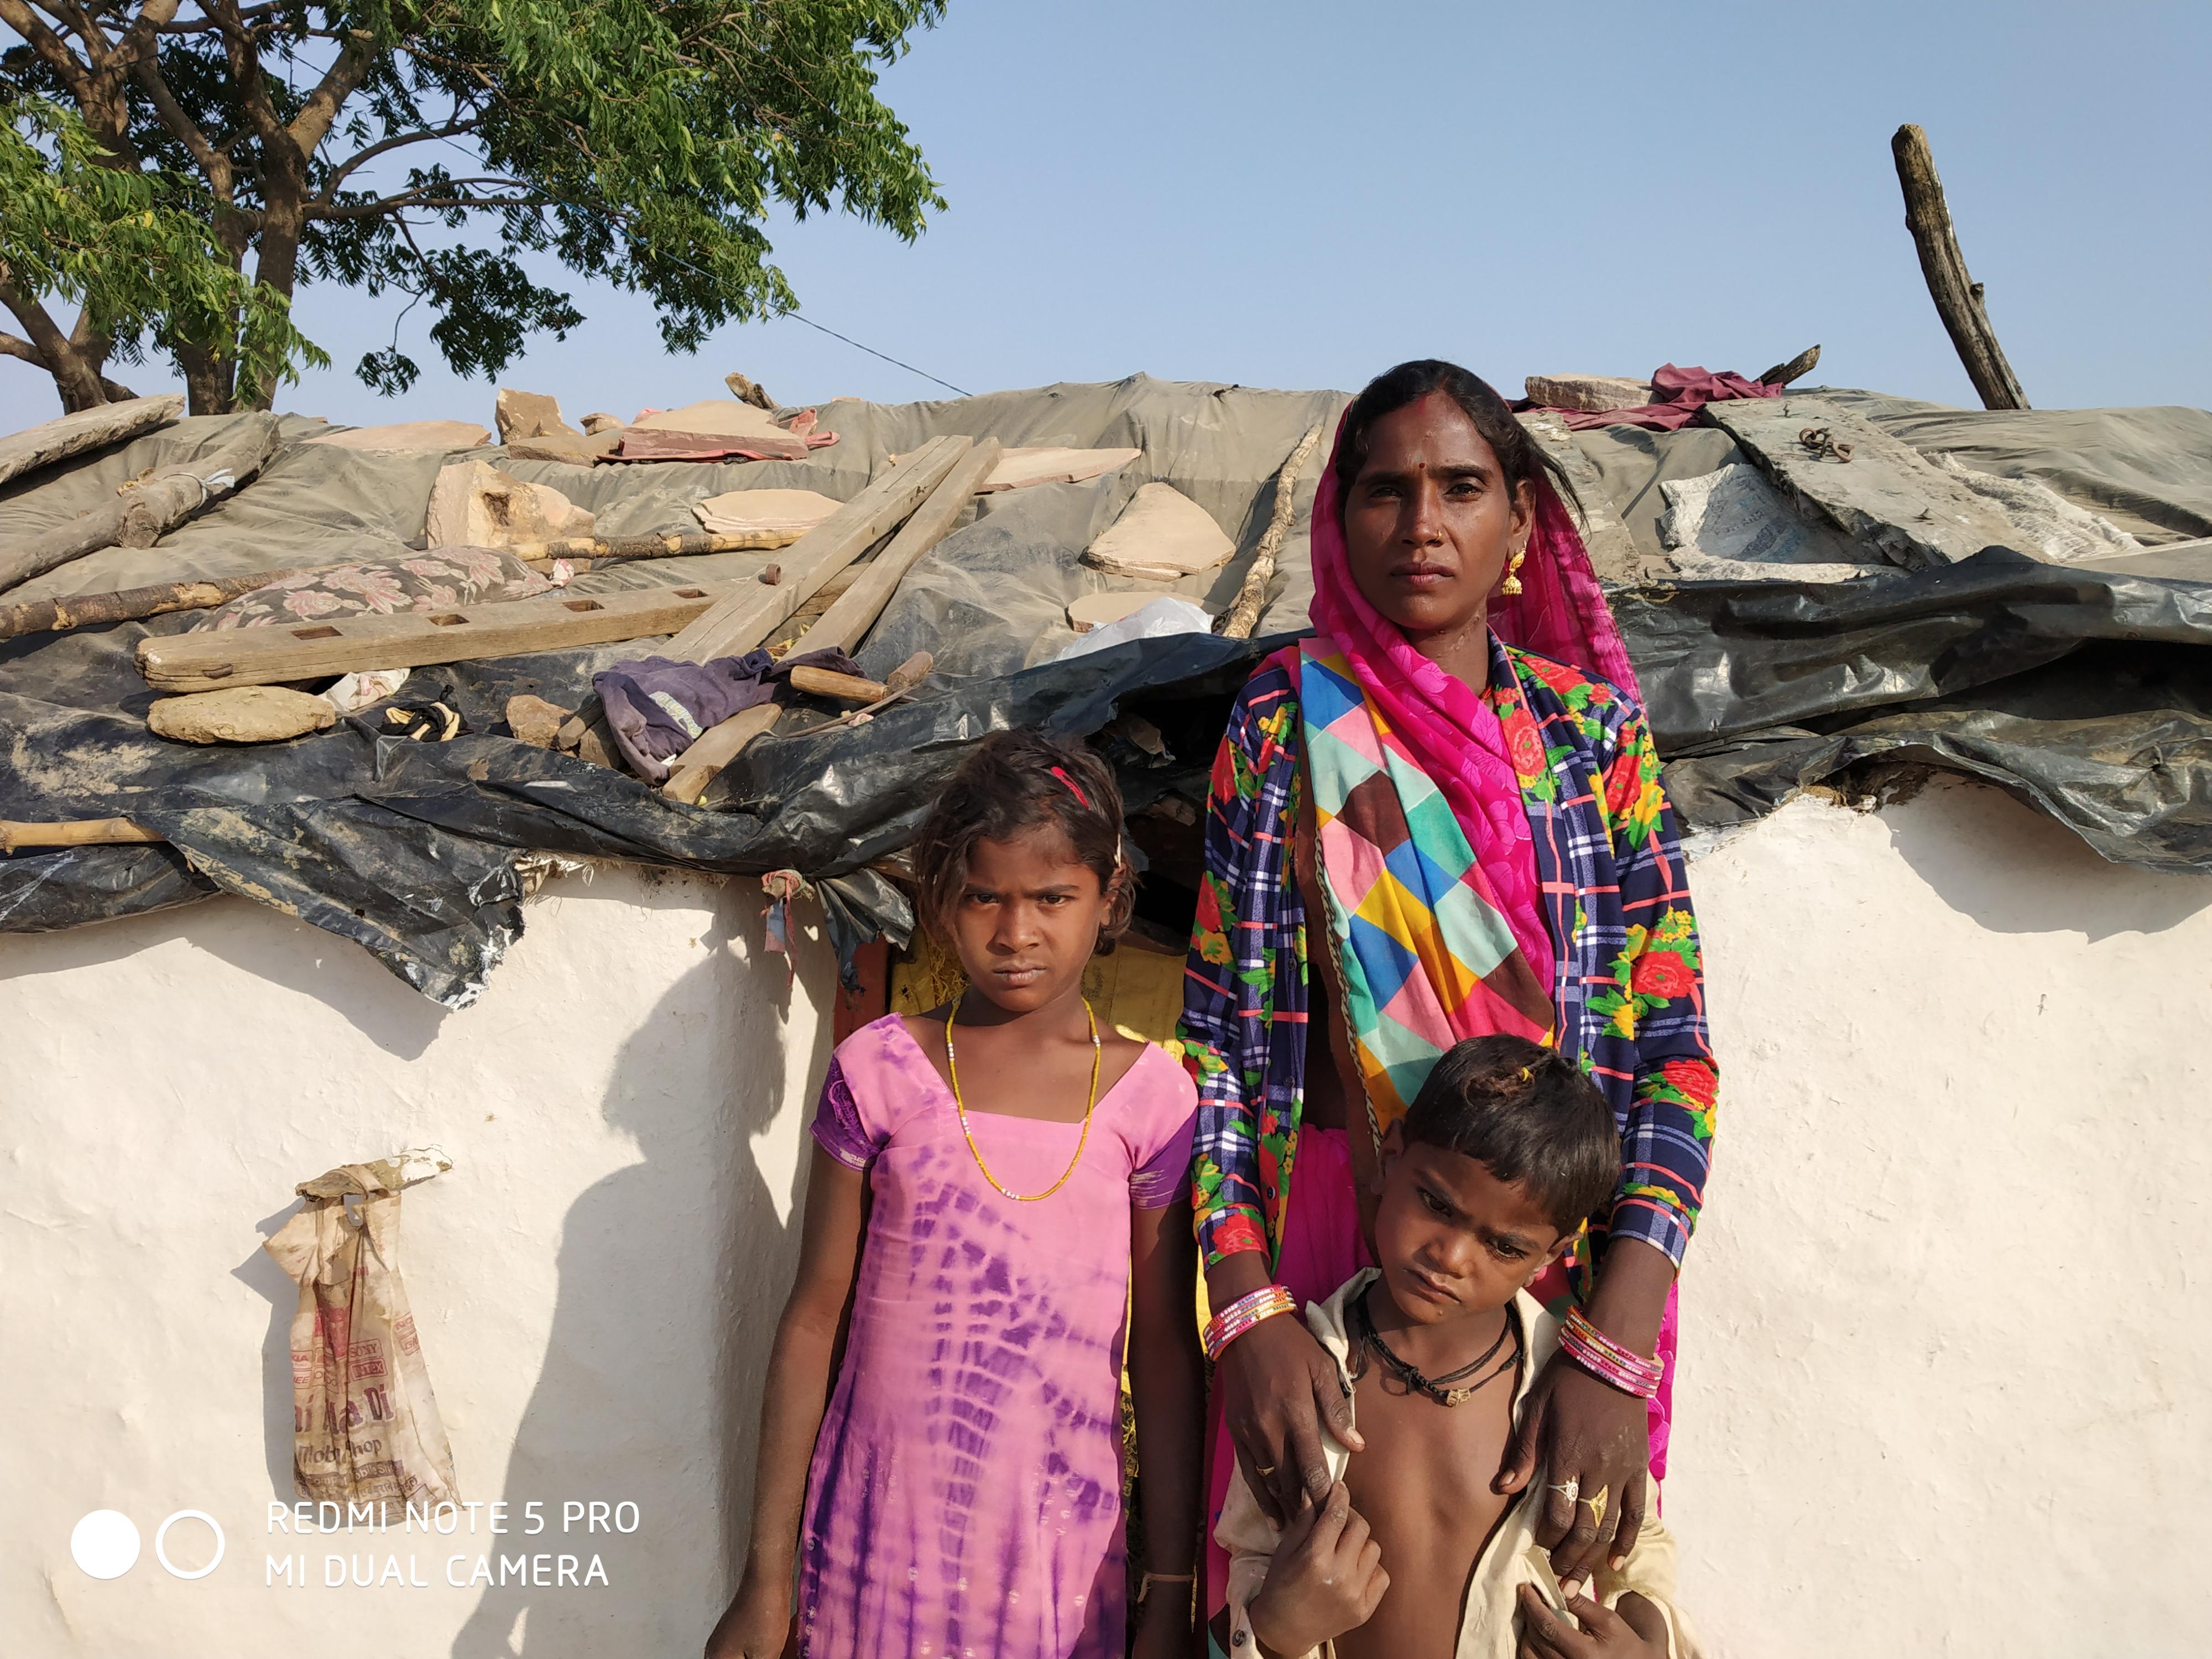 बारां के भाँतिपुरा, खटका, निवाड़ी,सेमलीफाटक,खेराई के कई परिवार पीएम आवास से वंचित